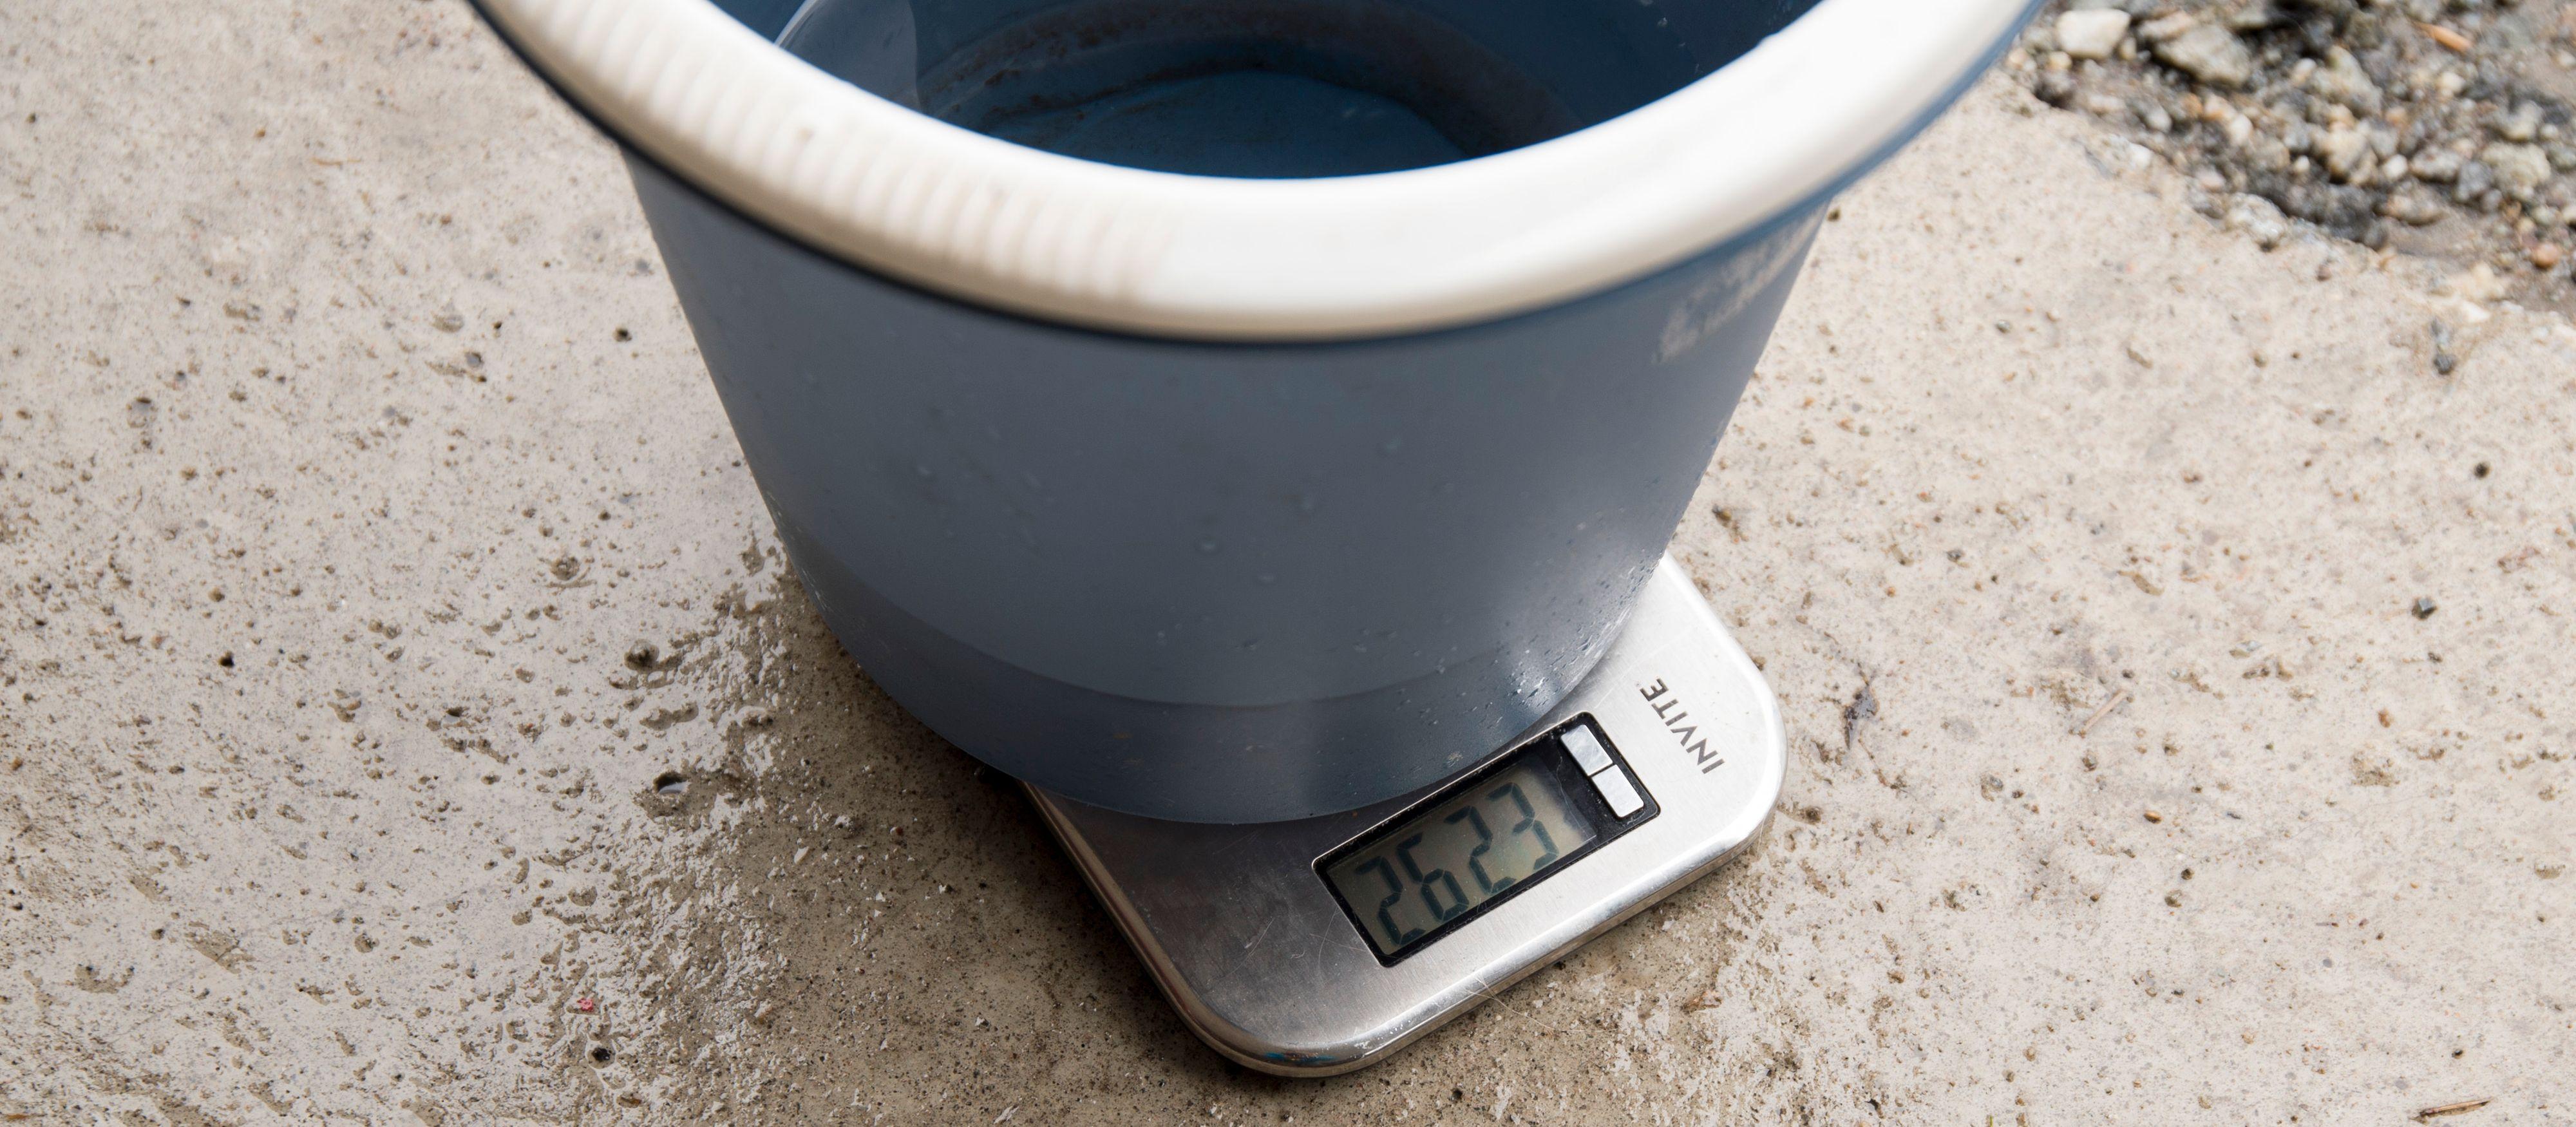 Med bøtte og kjøkkenvekt fikk vi veid hvor mye vann spylerne gir fra seg på 20 sekunder.